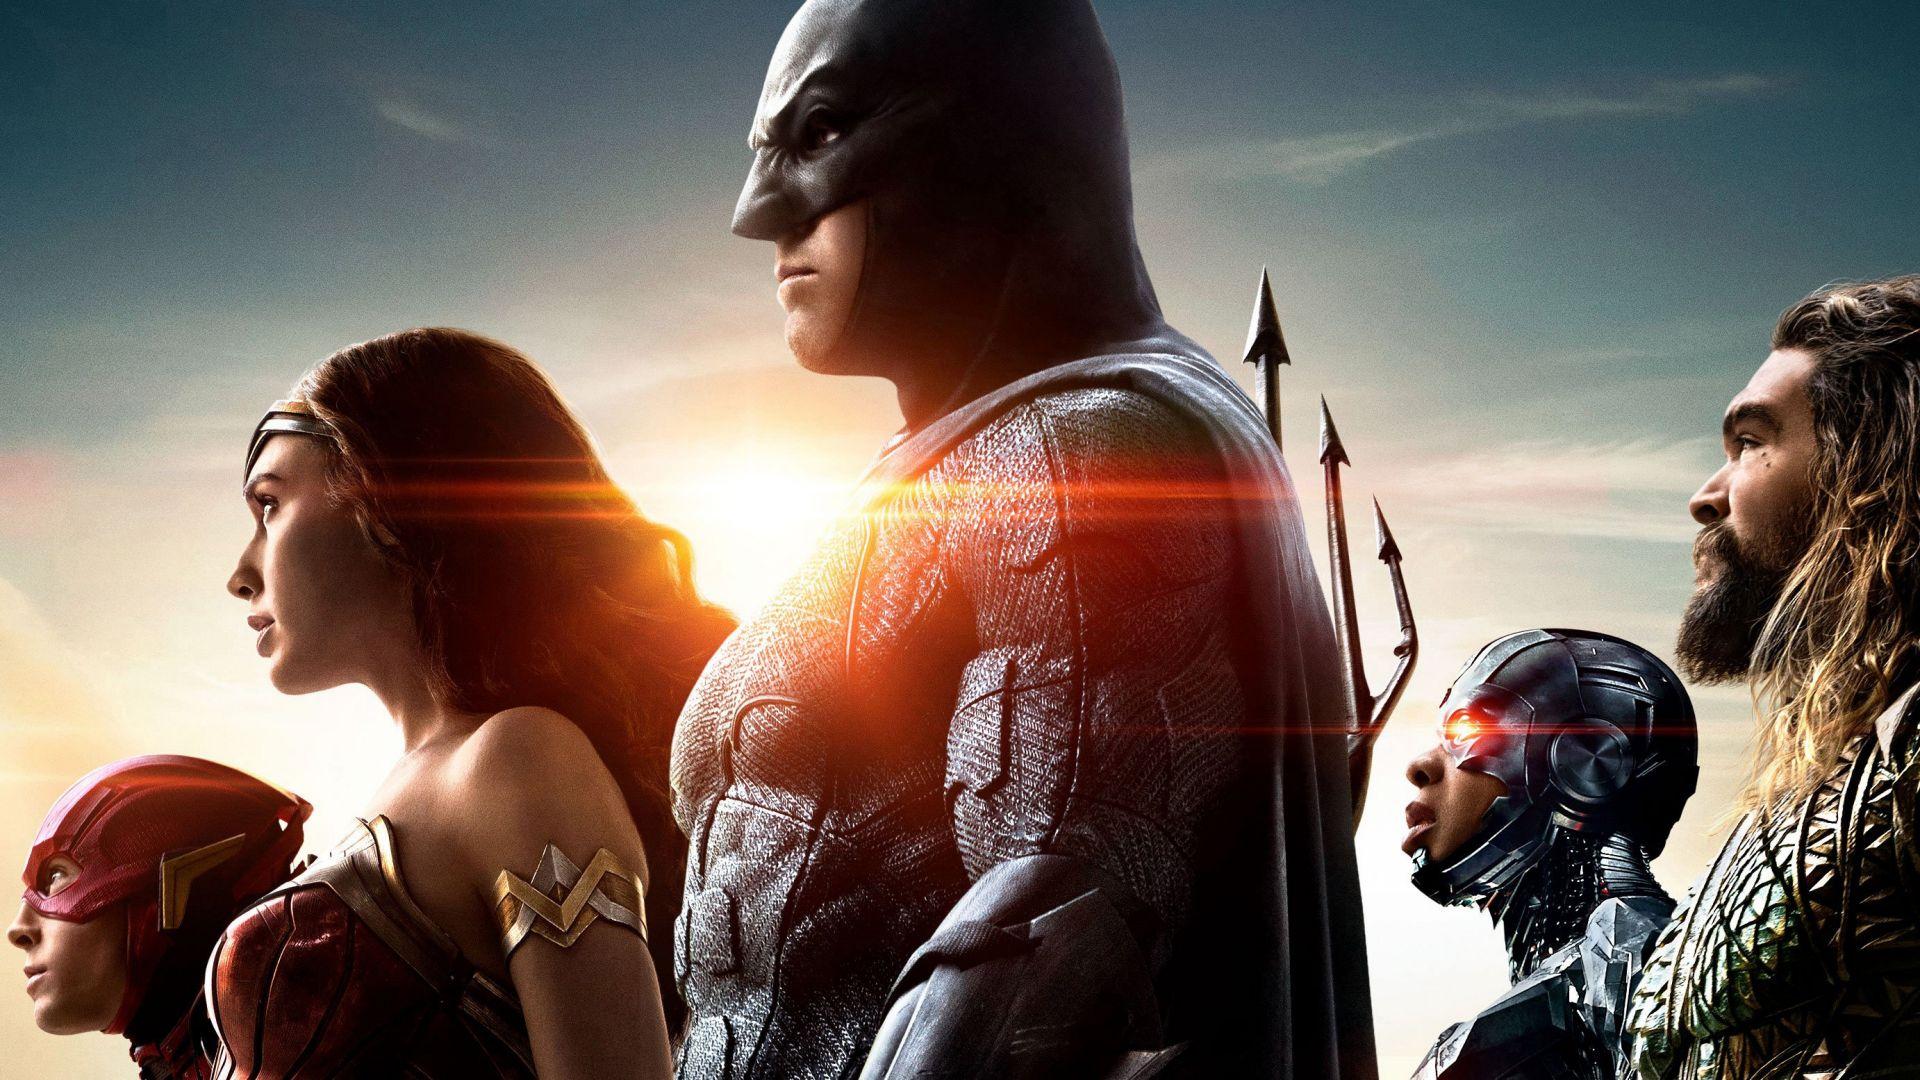 Wonder Woman Justice League 4k Fan Art Hd Movies 4k: Wallpaper Justice League, Batman, Wonder Woman, 4k, Movies